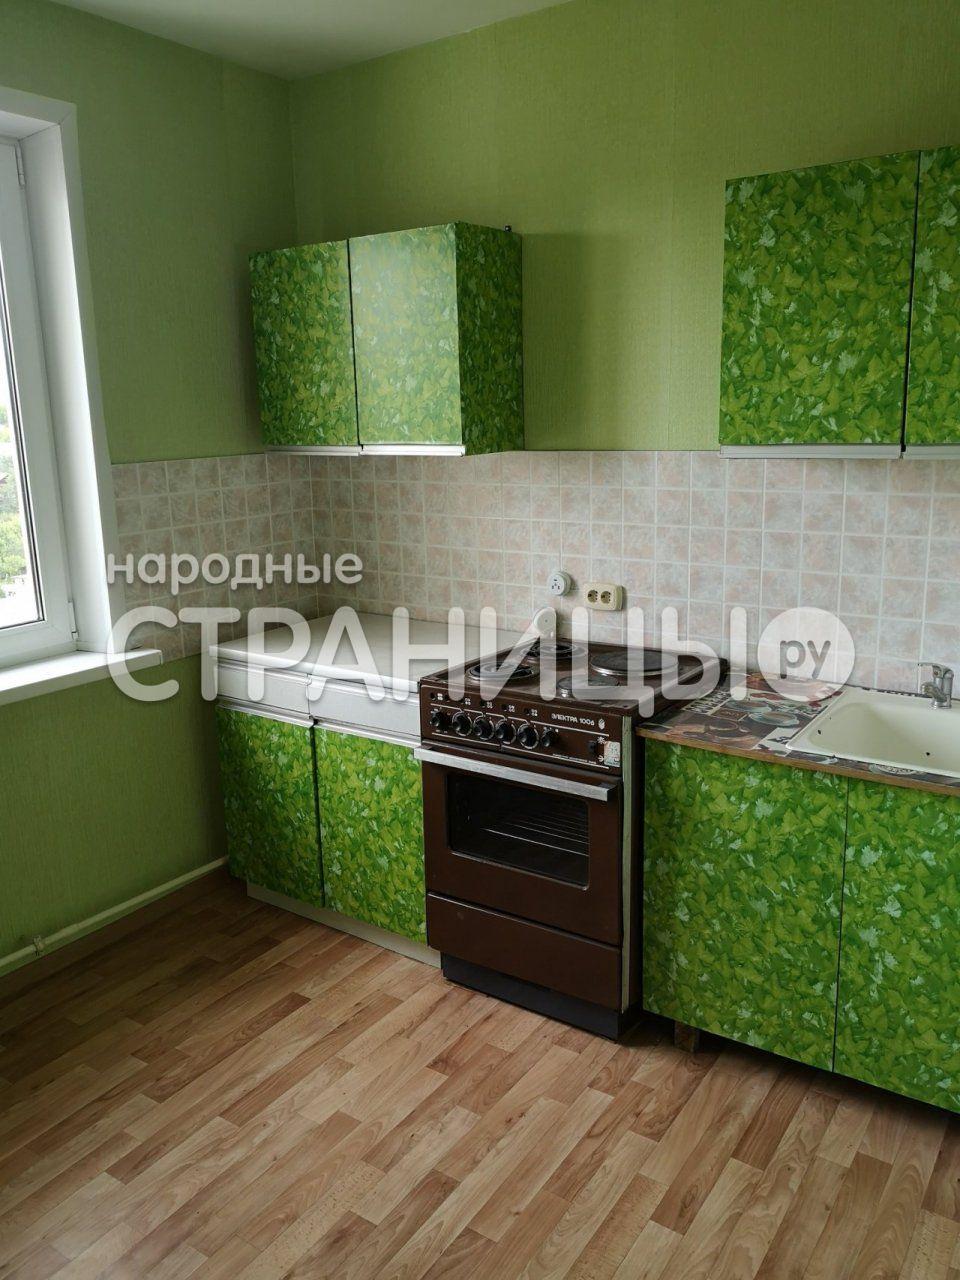 2-комнатная квартира, 60.0 м²,  9/9 эт. Панельный дом